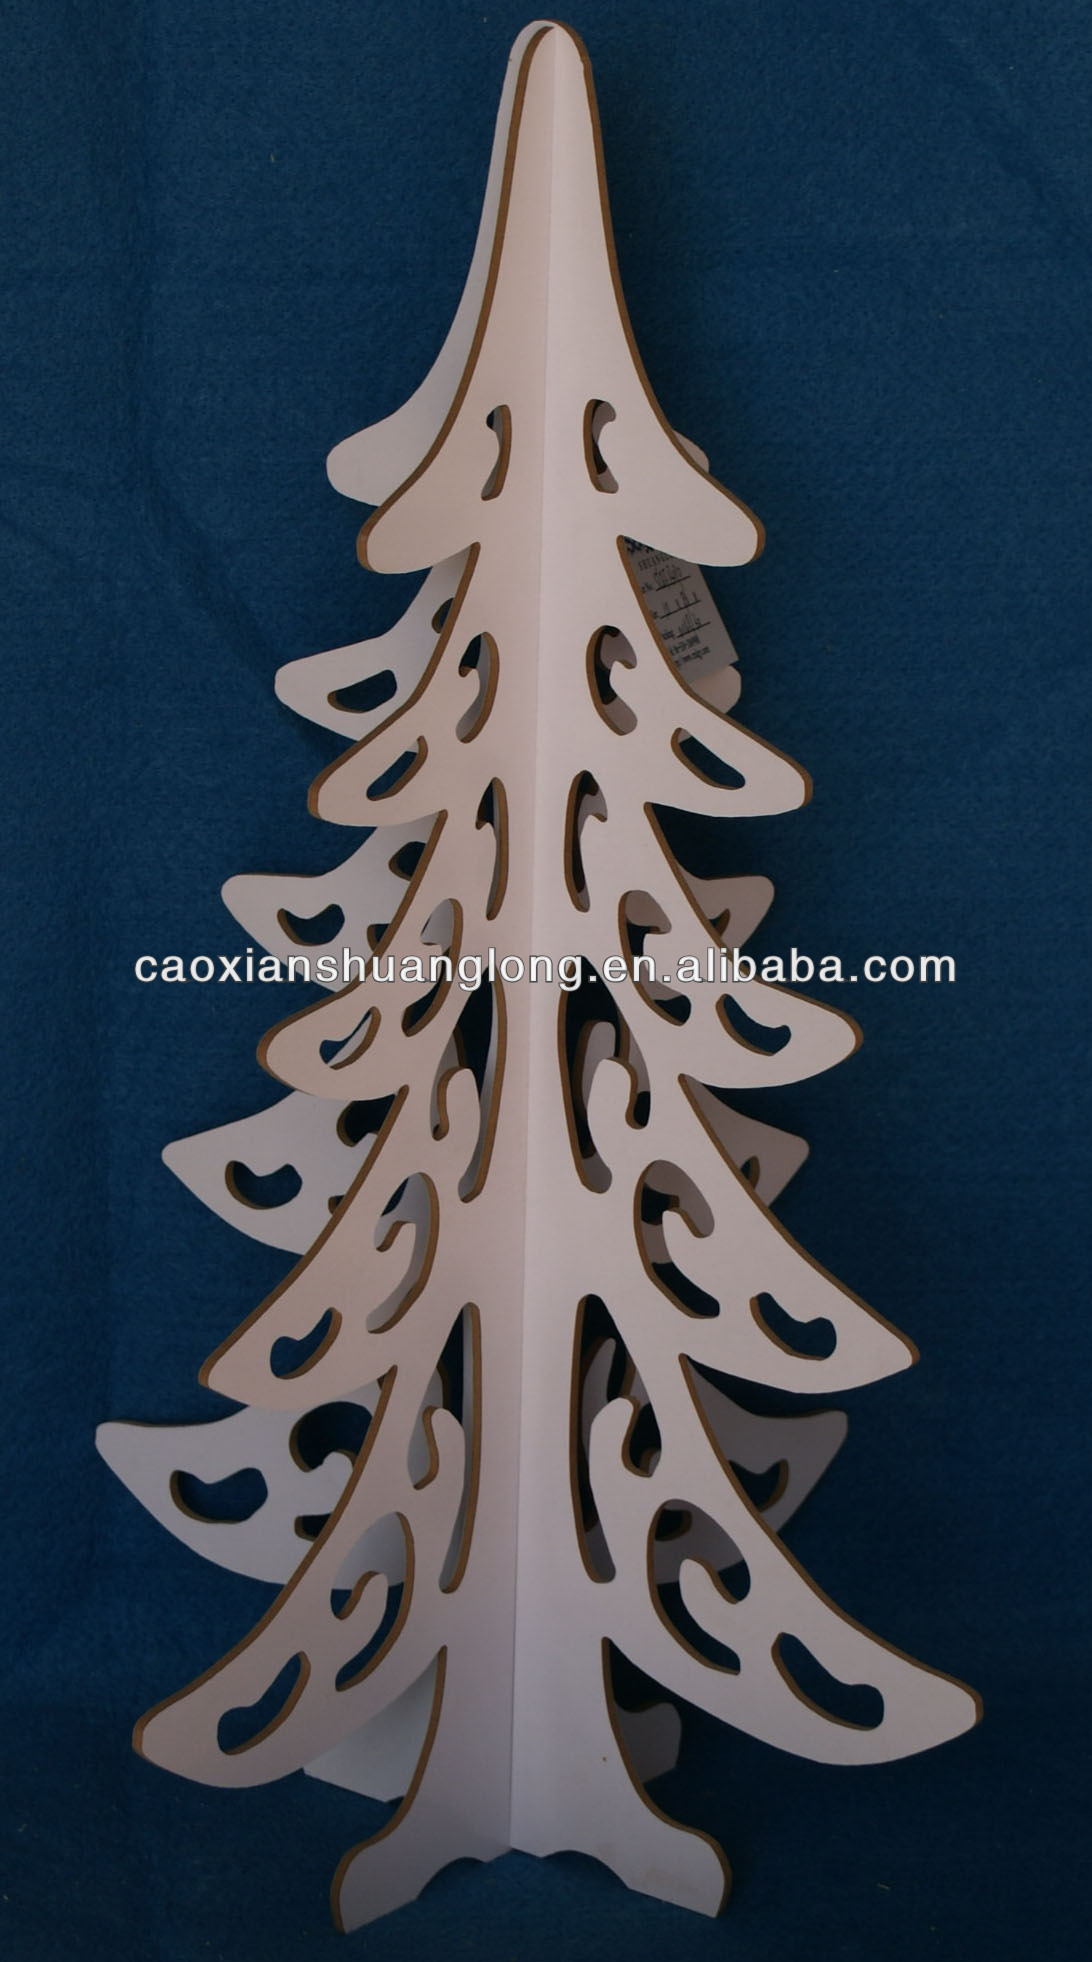 #0E2337 Décorations De Noël En Bois De Découpe Laser Décoration De  6437 décoration noel laser 1092x1962 px @ aertt.com